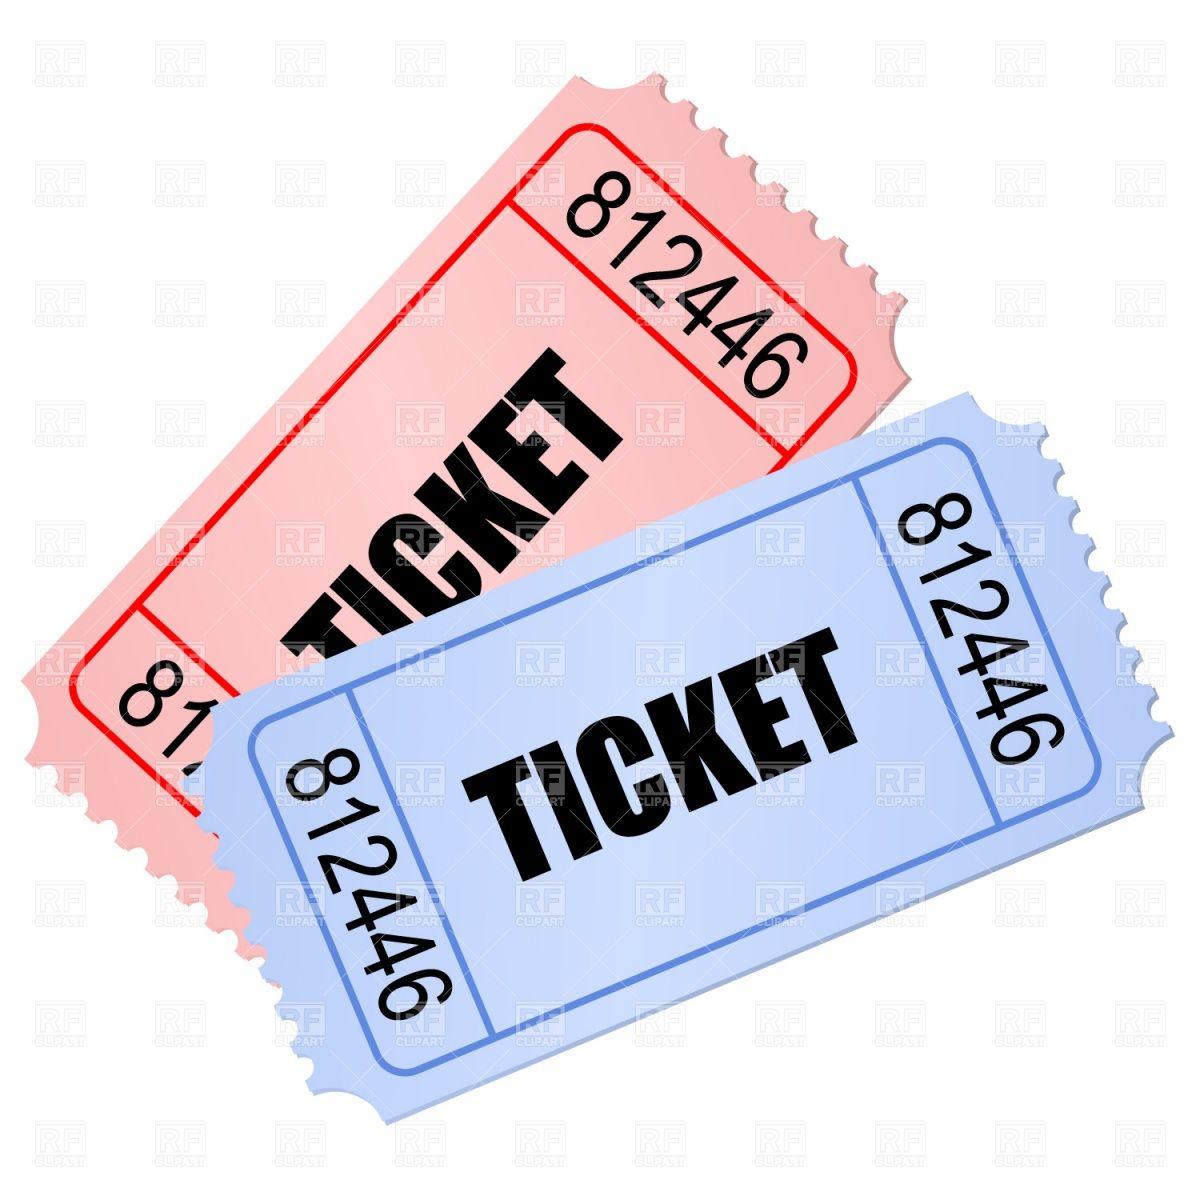 Arcade clipart broadway ticket. Clip art school arts